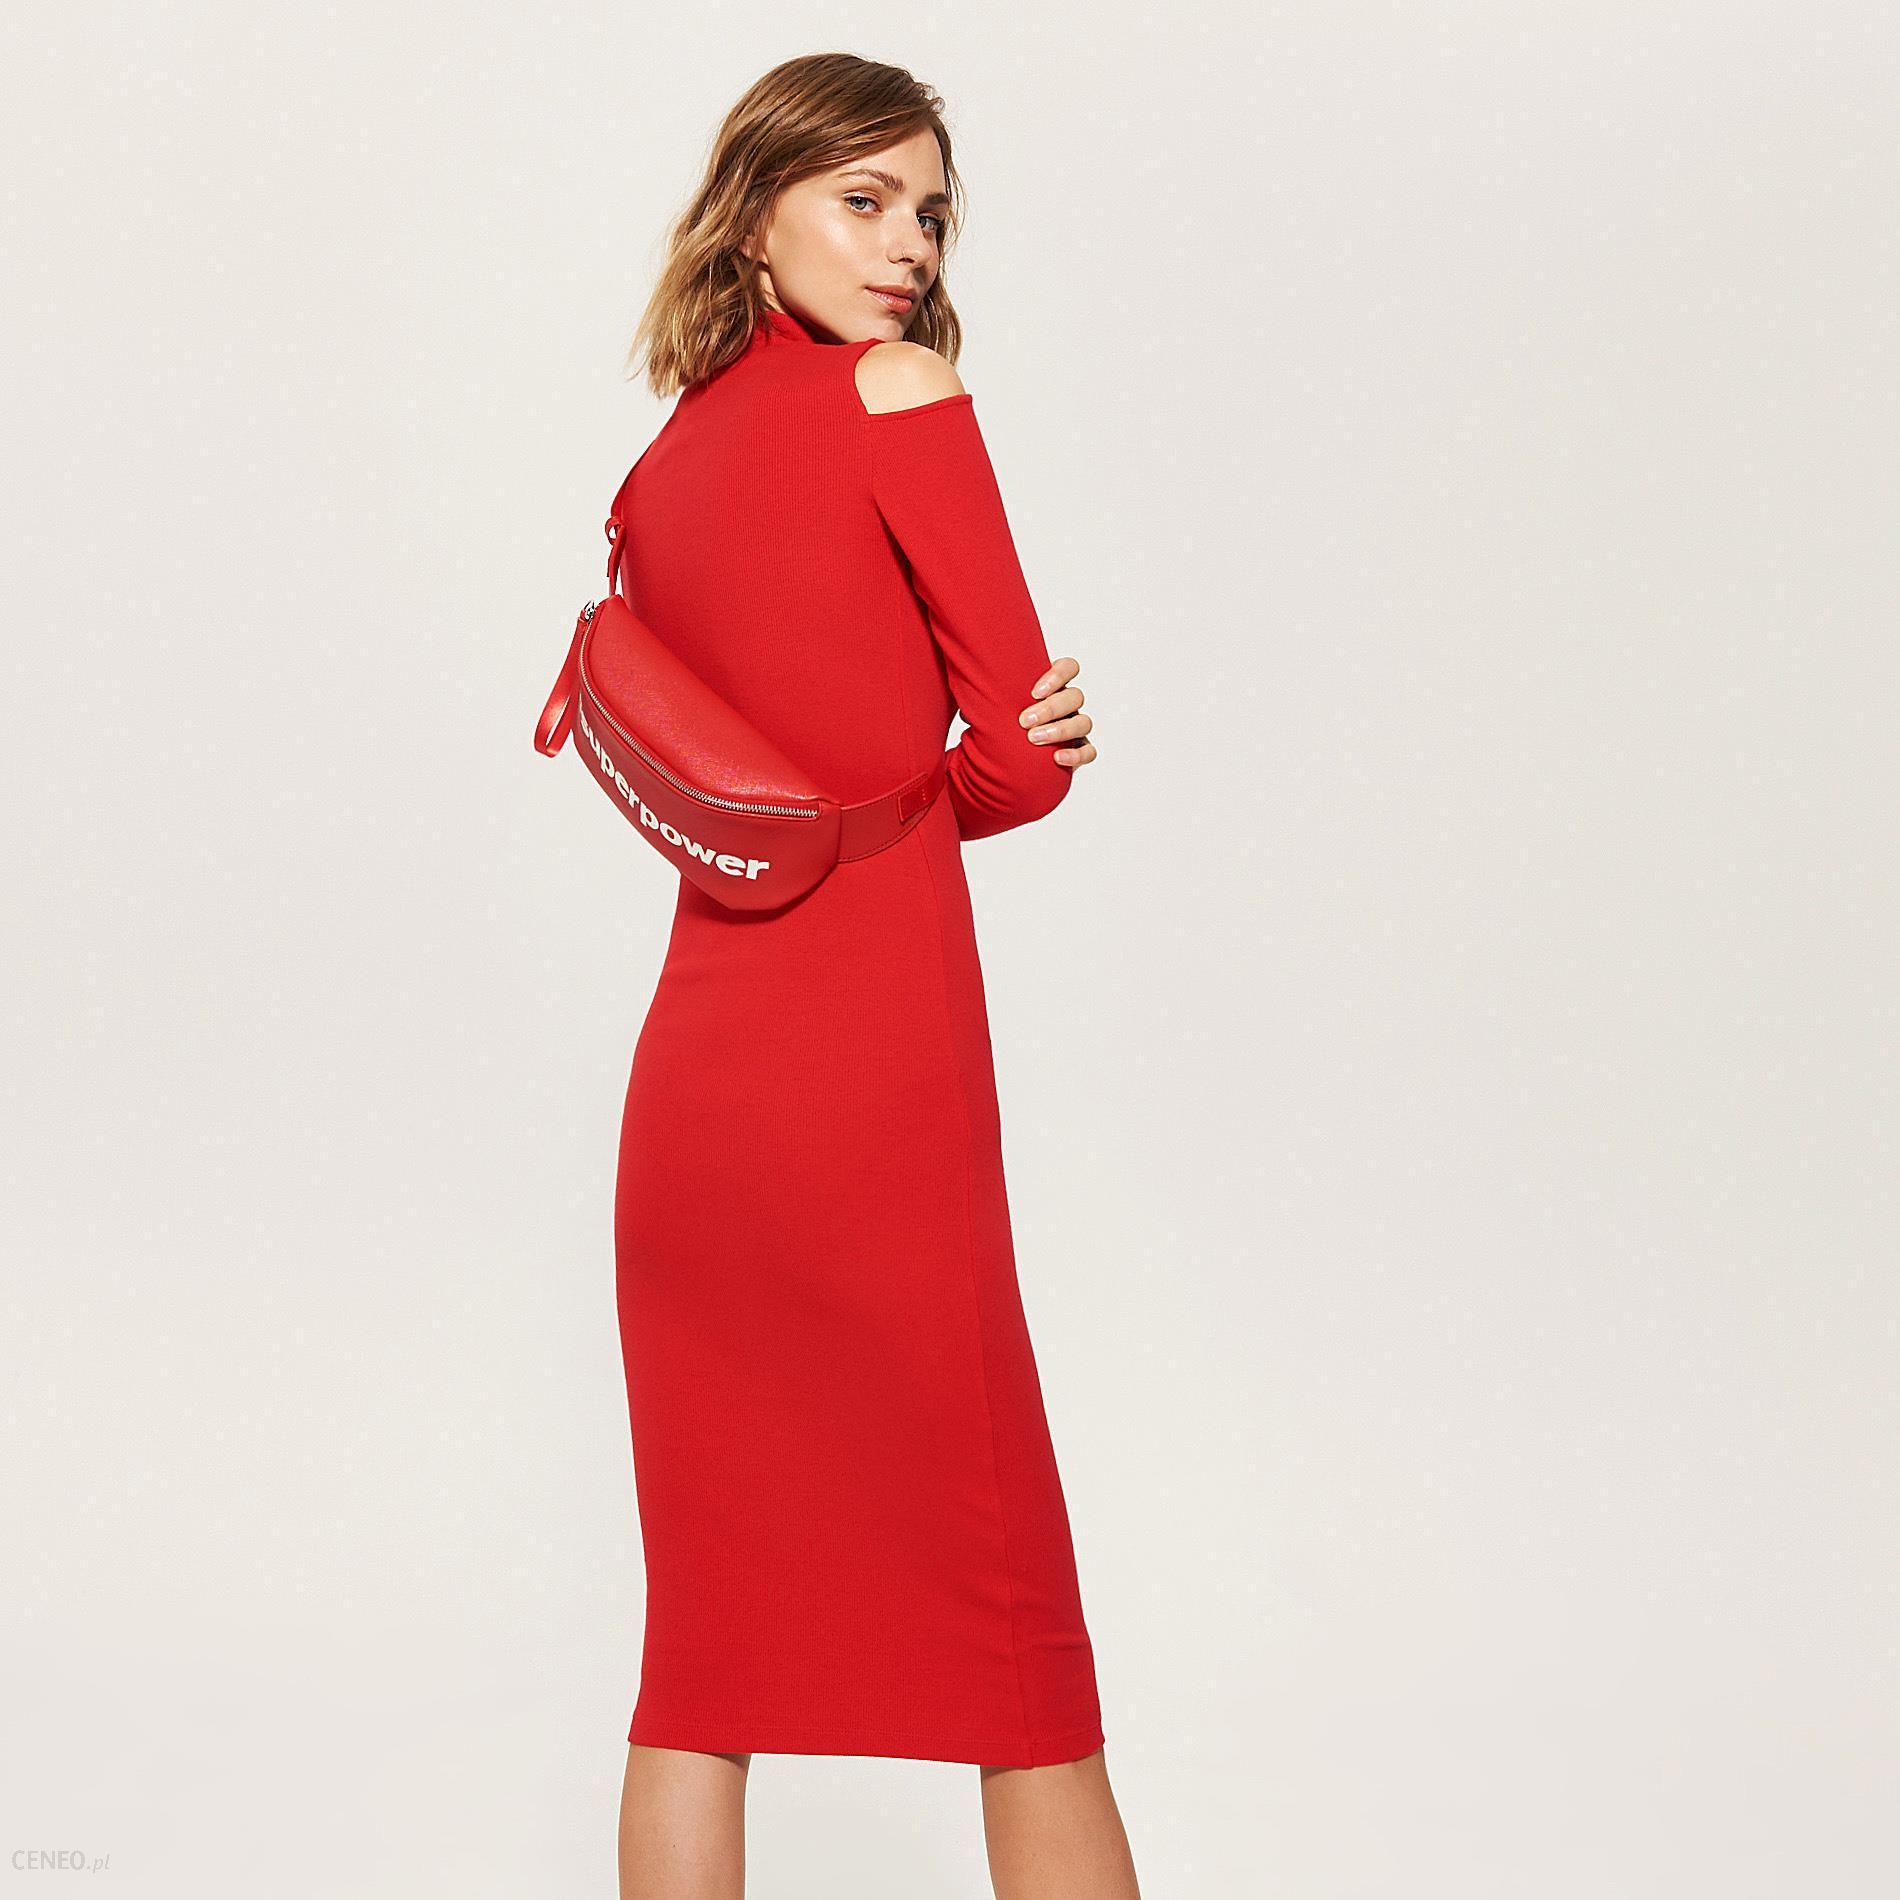 cd11529fe5 House - Dzianinowa sukienka z golfem - Czerwony - Ceny i opinie ...